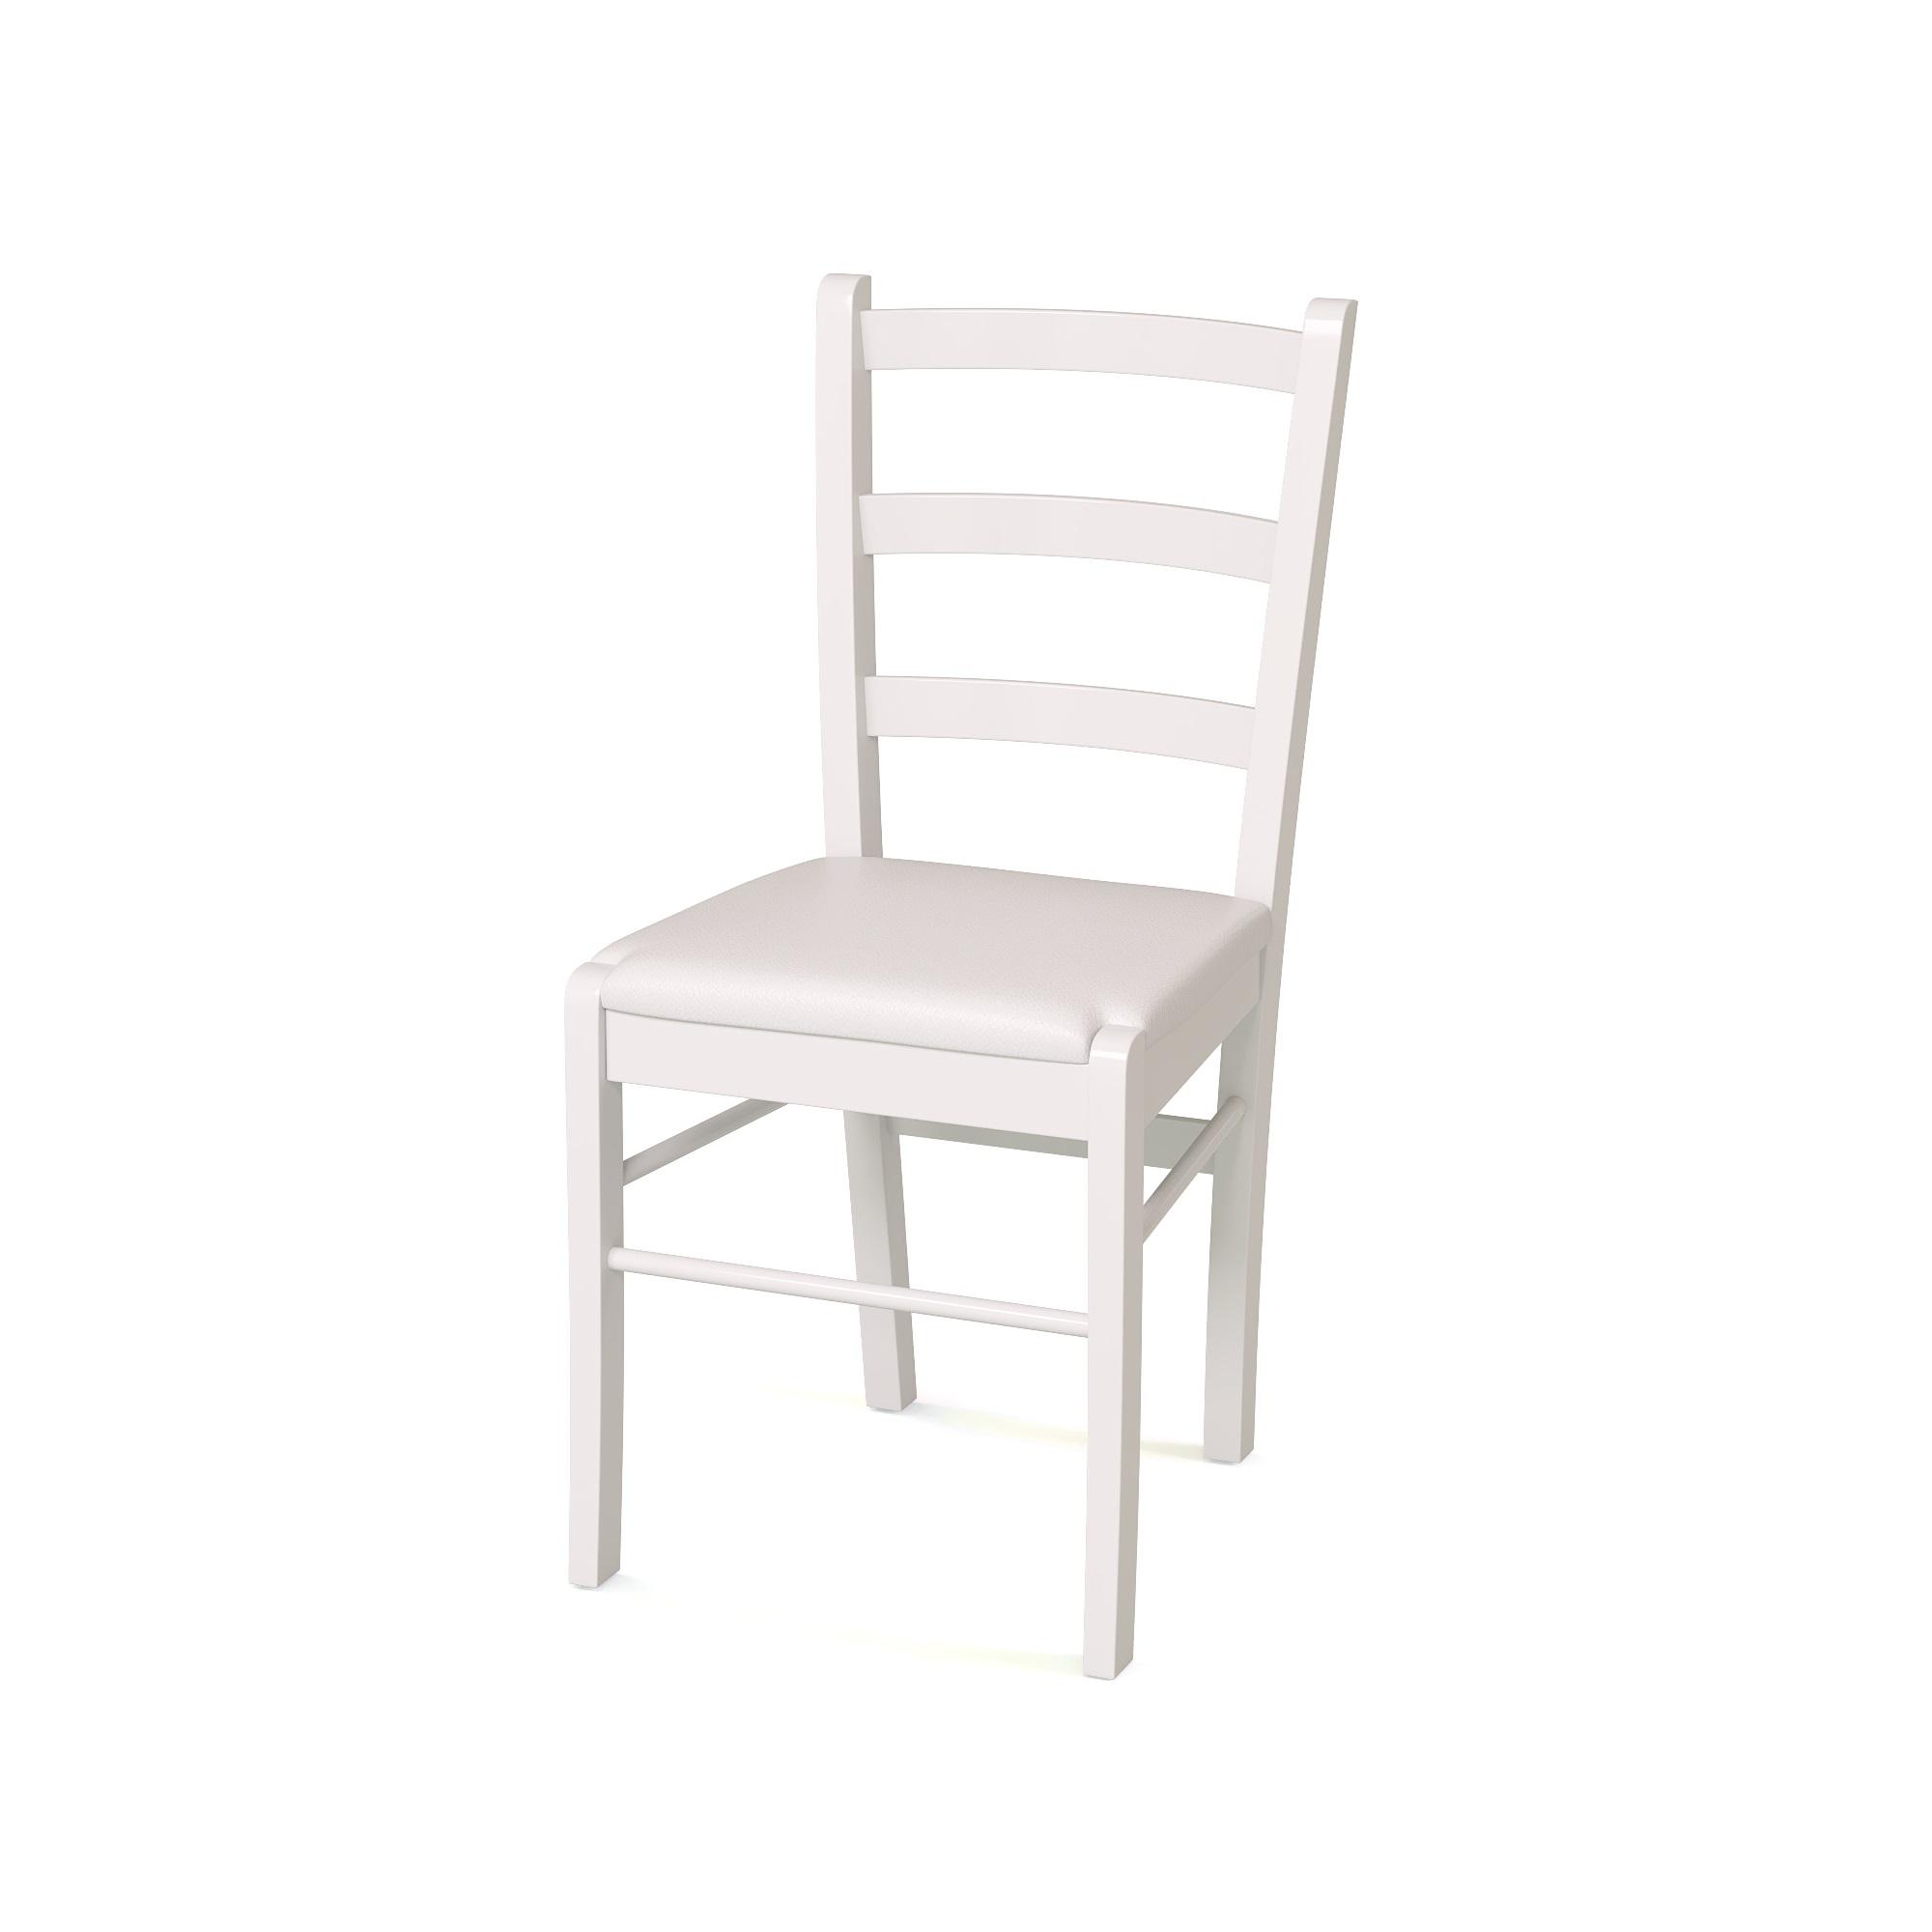 Стул PavlaОбеденные стулья<br><br><br>Material: Экокожа<br>Ширина см: 45<br>Высота см: 93<br>Глубина см: 47